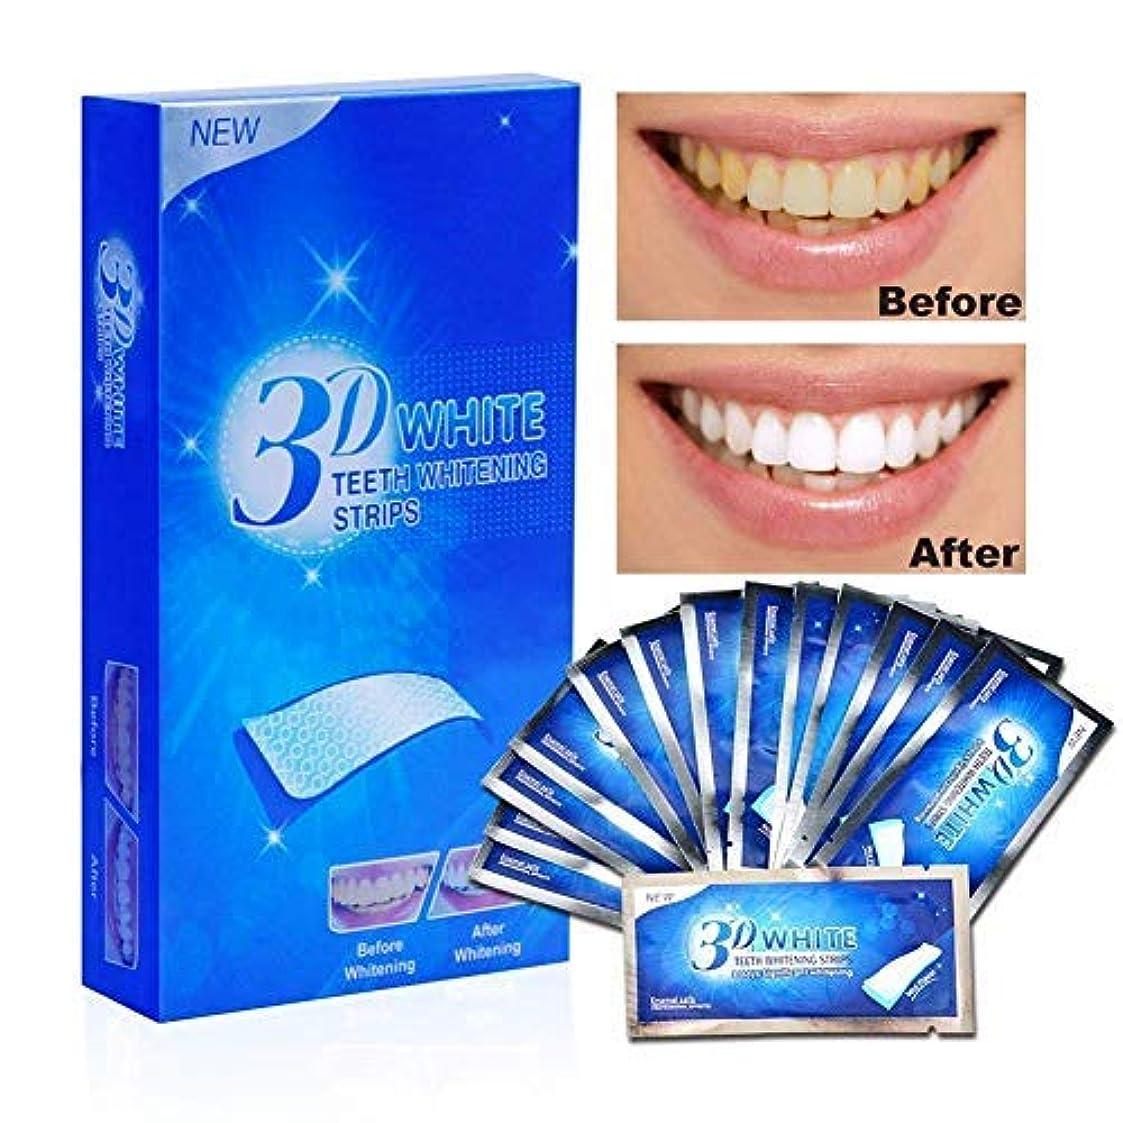 予備伝える揺れる歯 美白 歯 ホワイトニング 歯 マニキュア 歯ケア 歯のホワイトニング チャコールホワイトニング 美白歯磨き 歯 美白